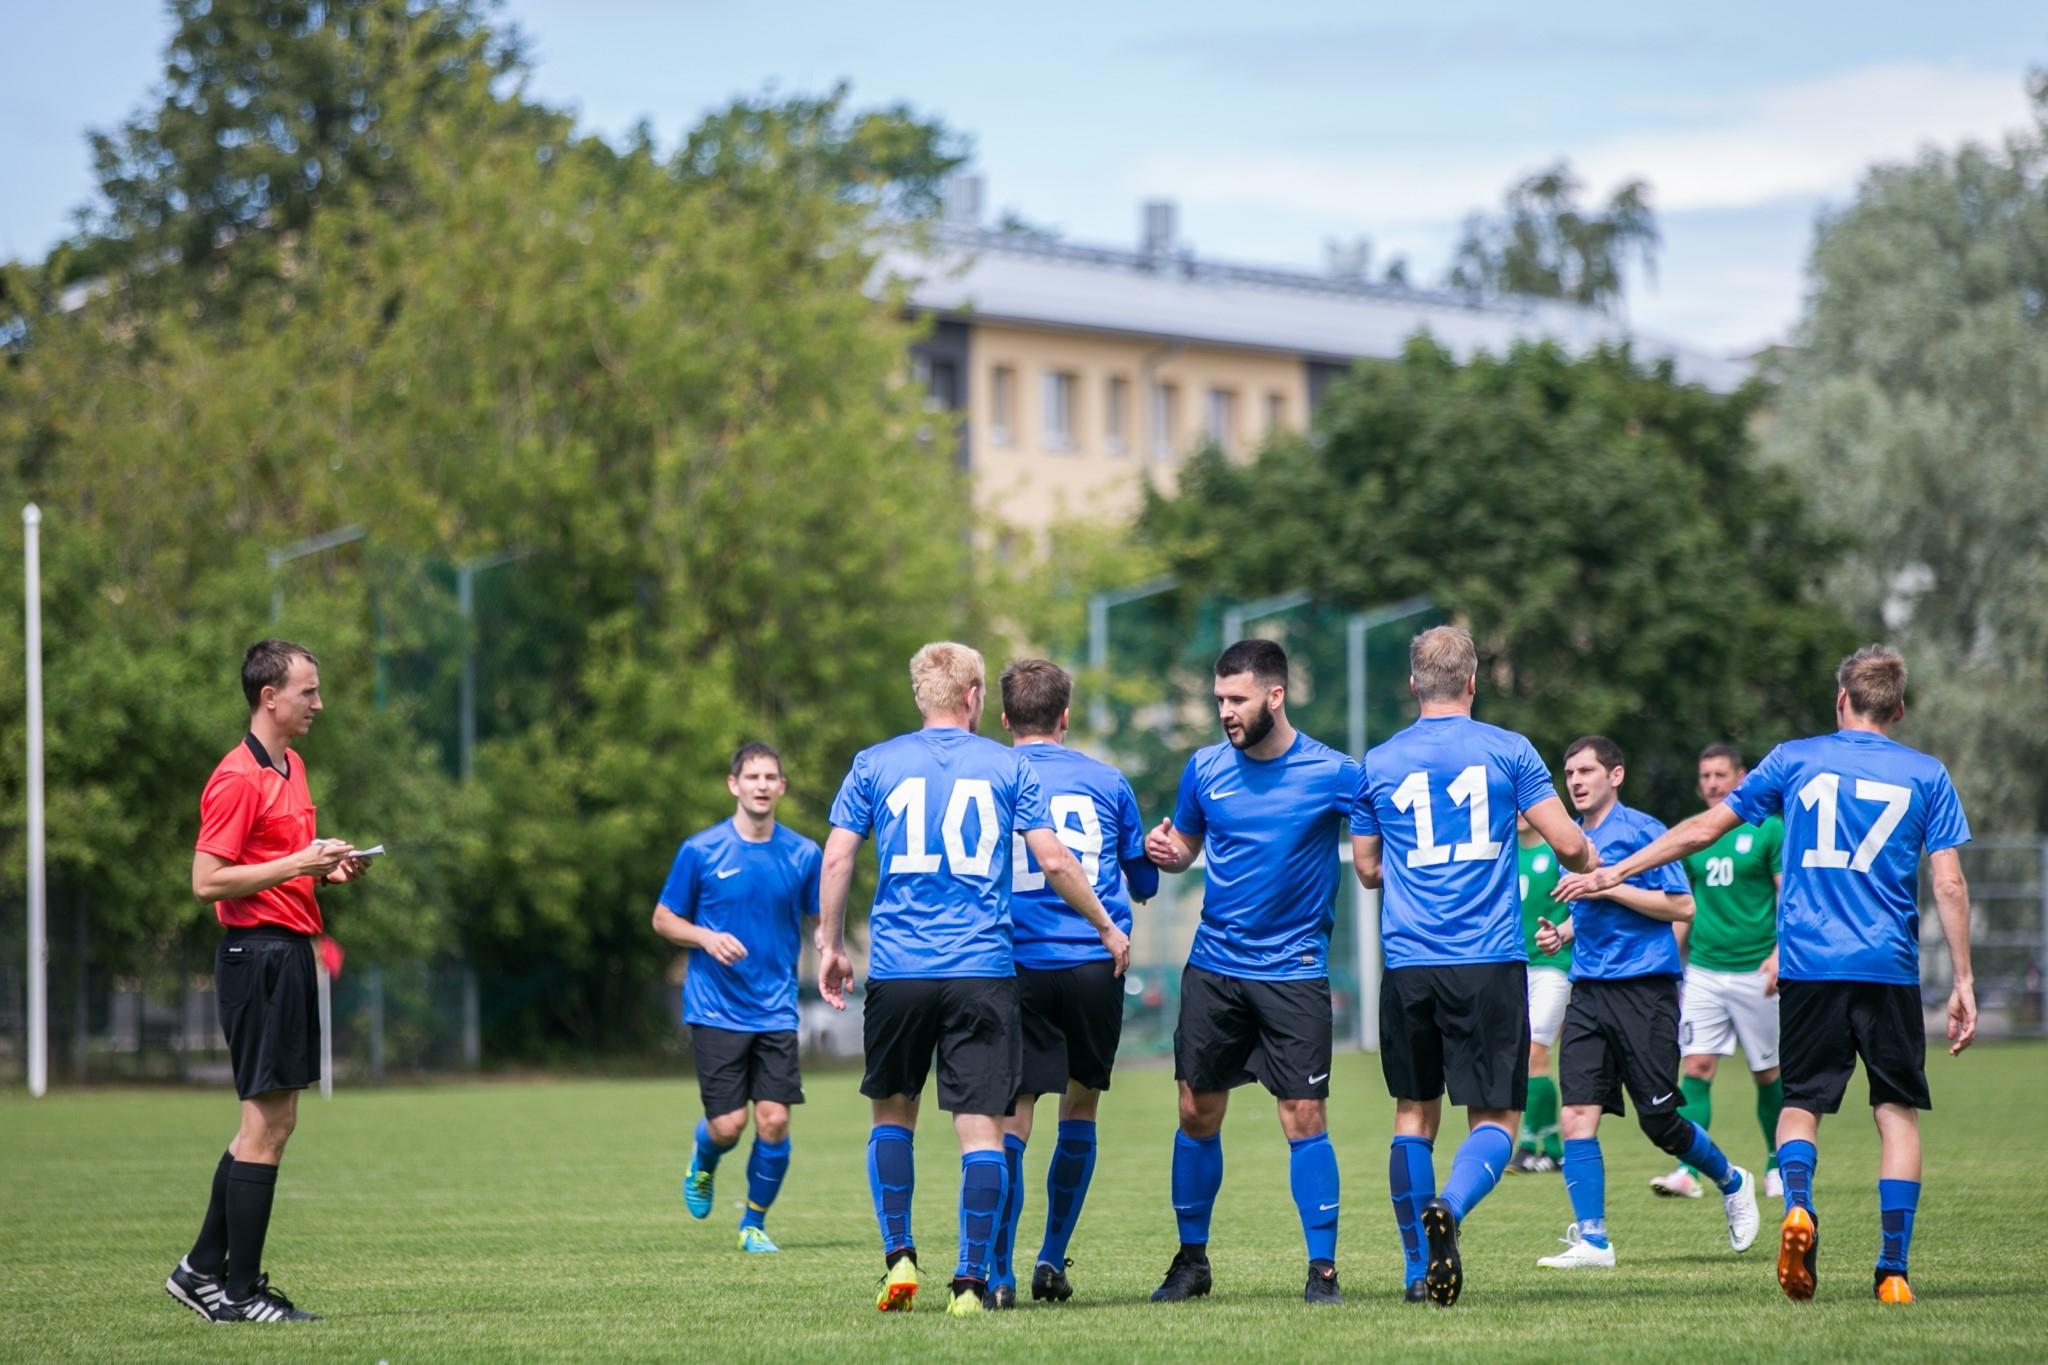 aafc667e2ad Eesti maavõistlustel alistas Tallinn Ida-Virumaa 5:4 - Uudised